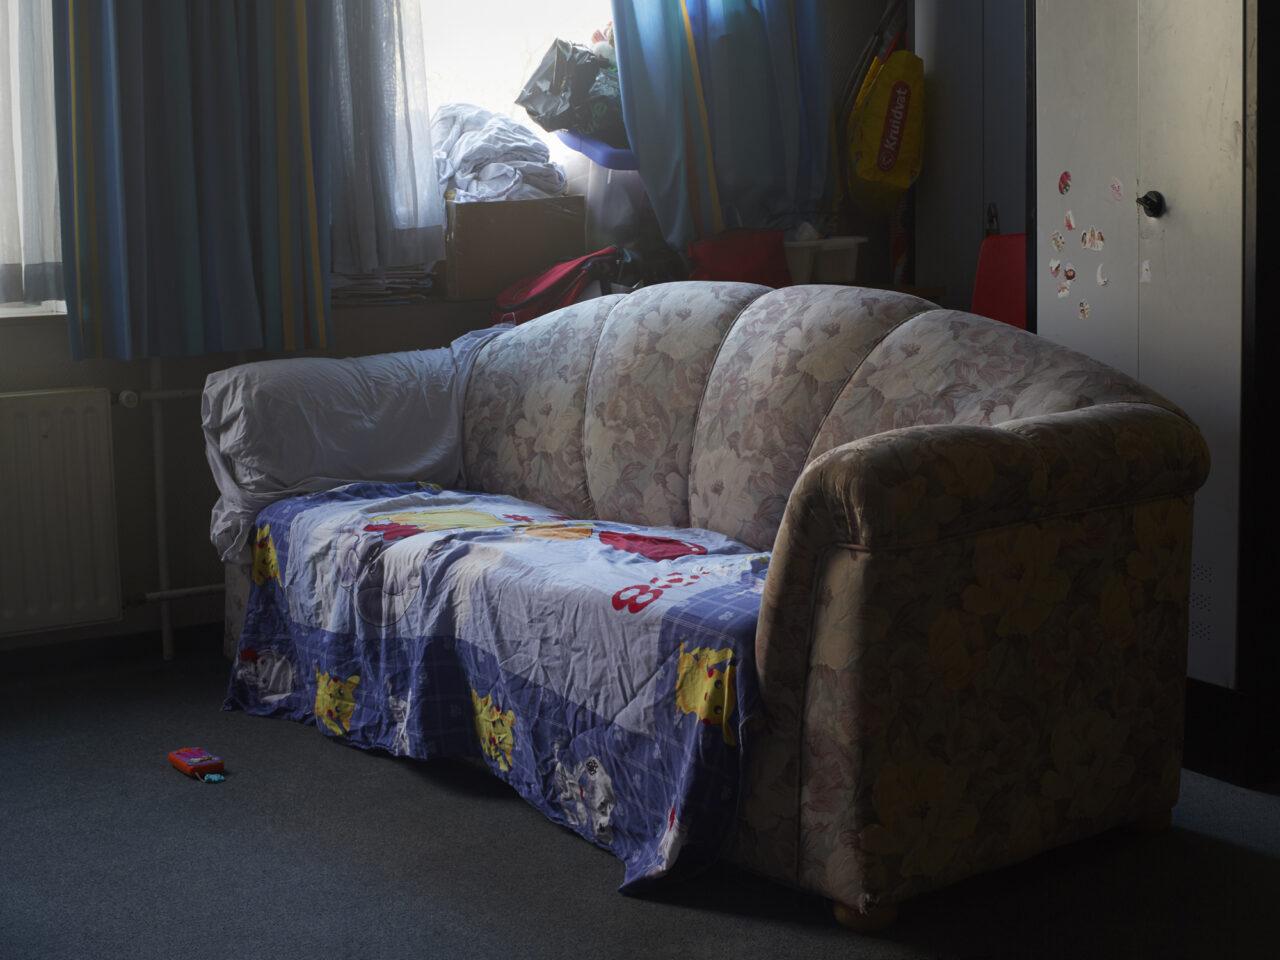 Denny en Angela's kamer, Gezinslocatie voor uitgeprocedeerde asielzoekers met beperkte bewegingsvrijheid, Katwijk